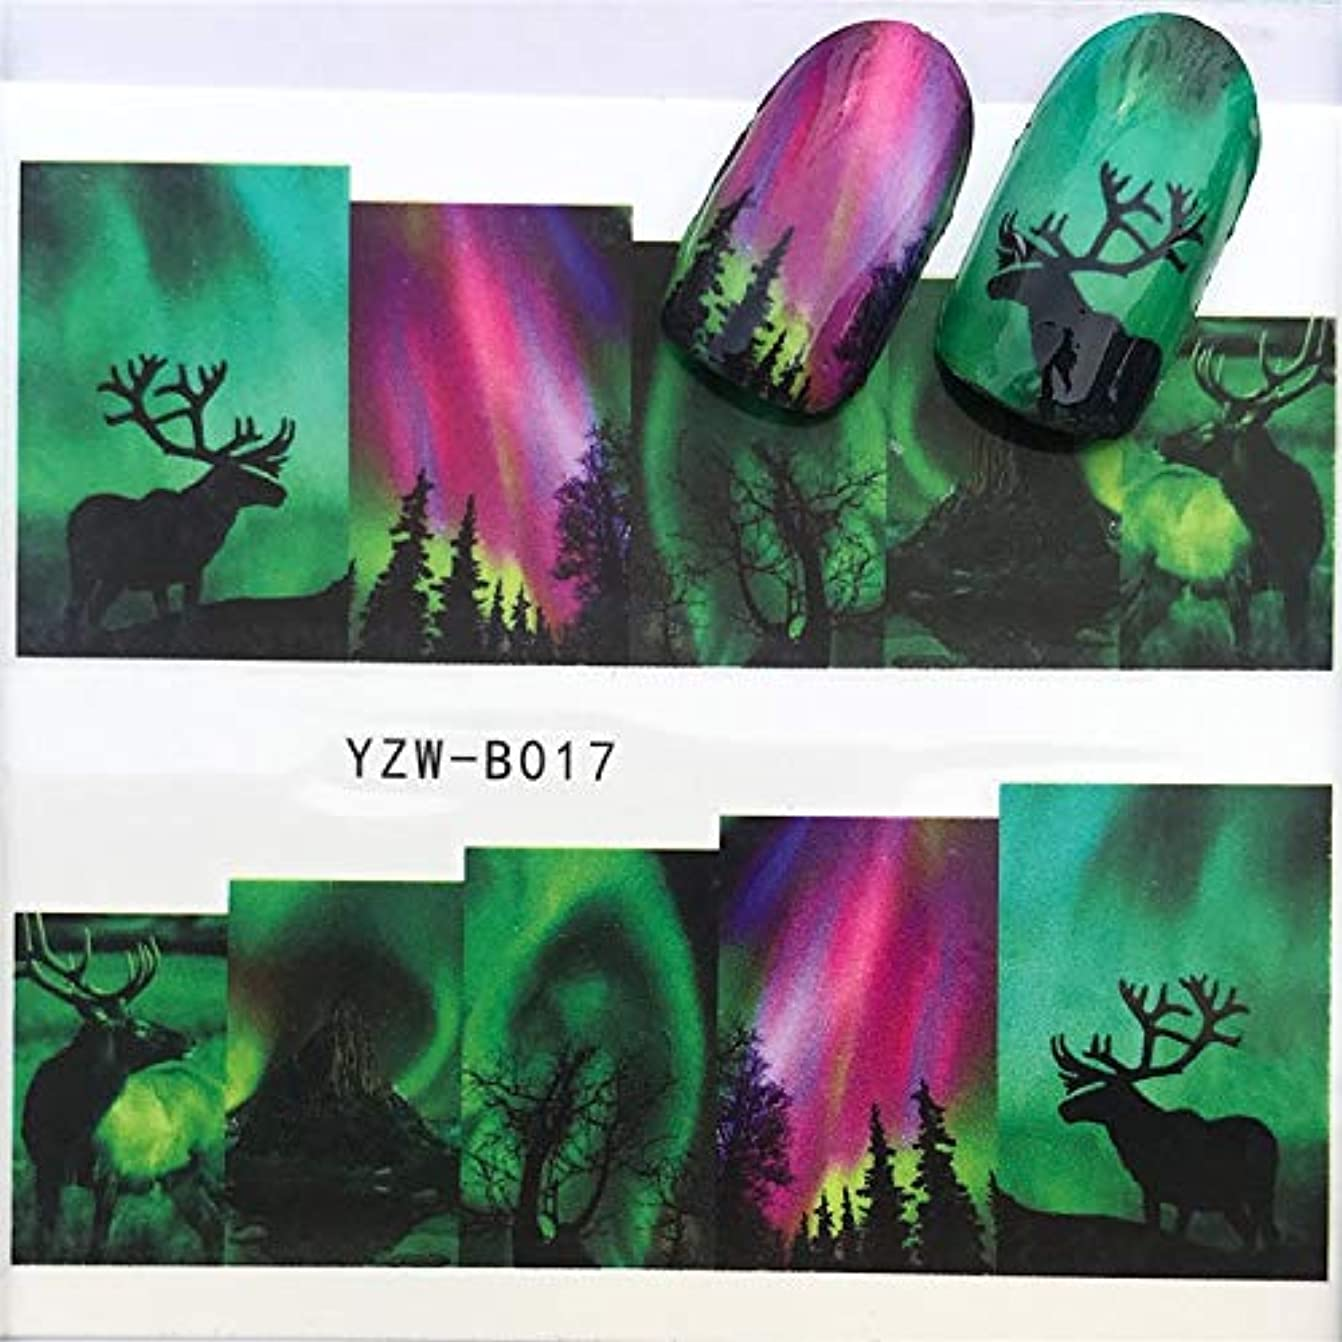 表現毛布きゅうりYan 3個ネイルステッカーセットデカール水転写スライダーネイルアートデコレーション、色:YZWB018